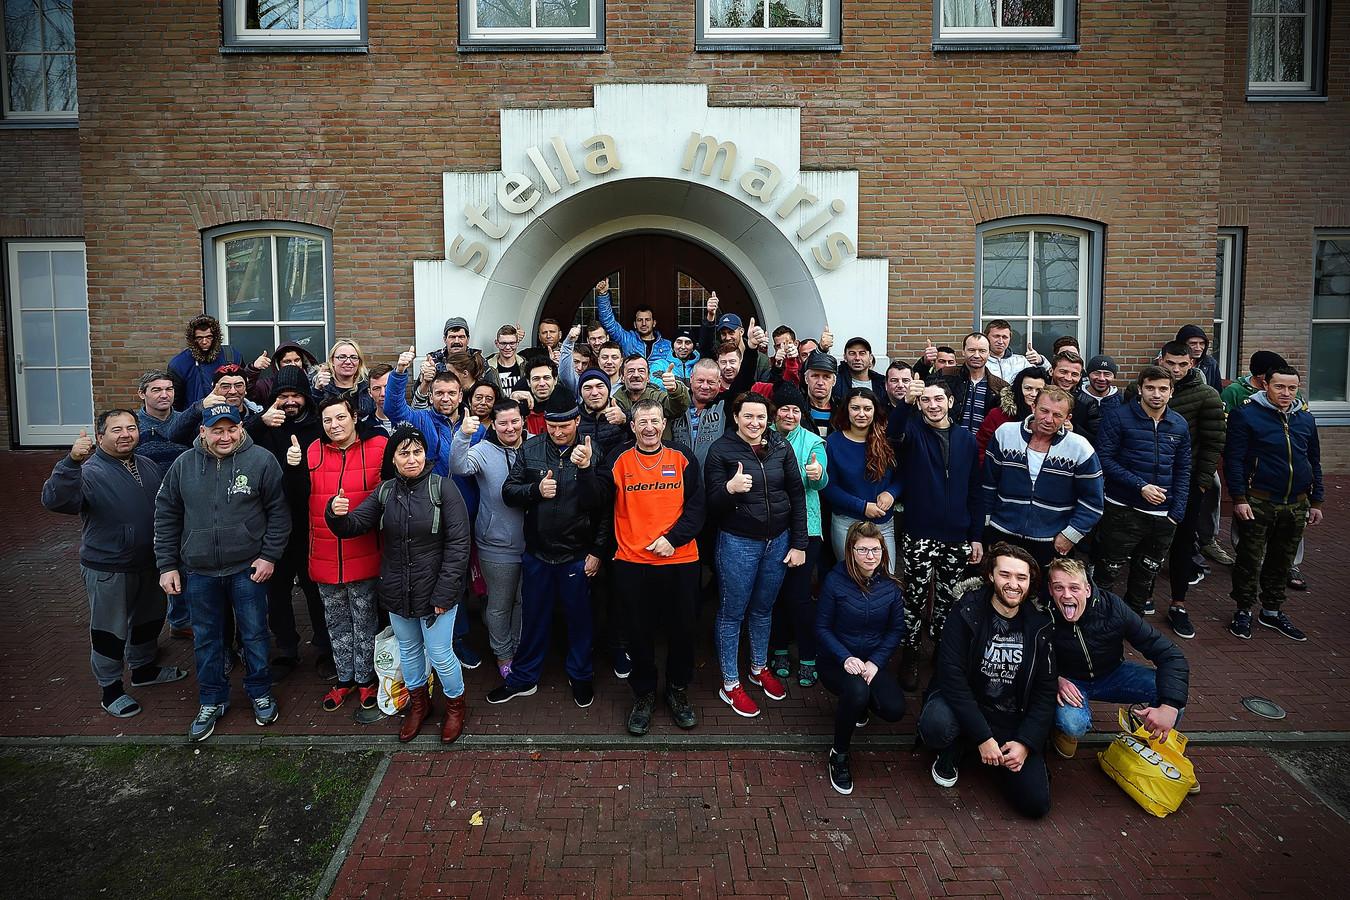 De bewoners van Stella Maris in Welberg: met 400 bedden de grootste huisvestingsaccommodatie voor arbeidsmigranten in West-Brabant.